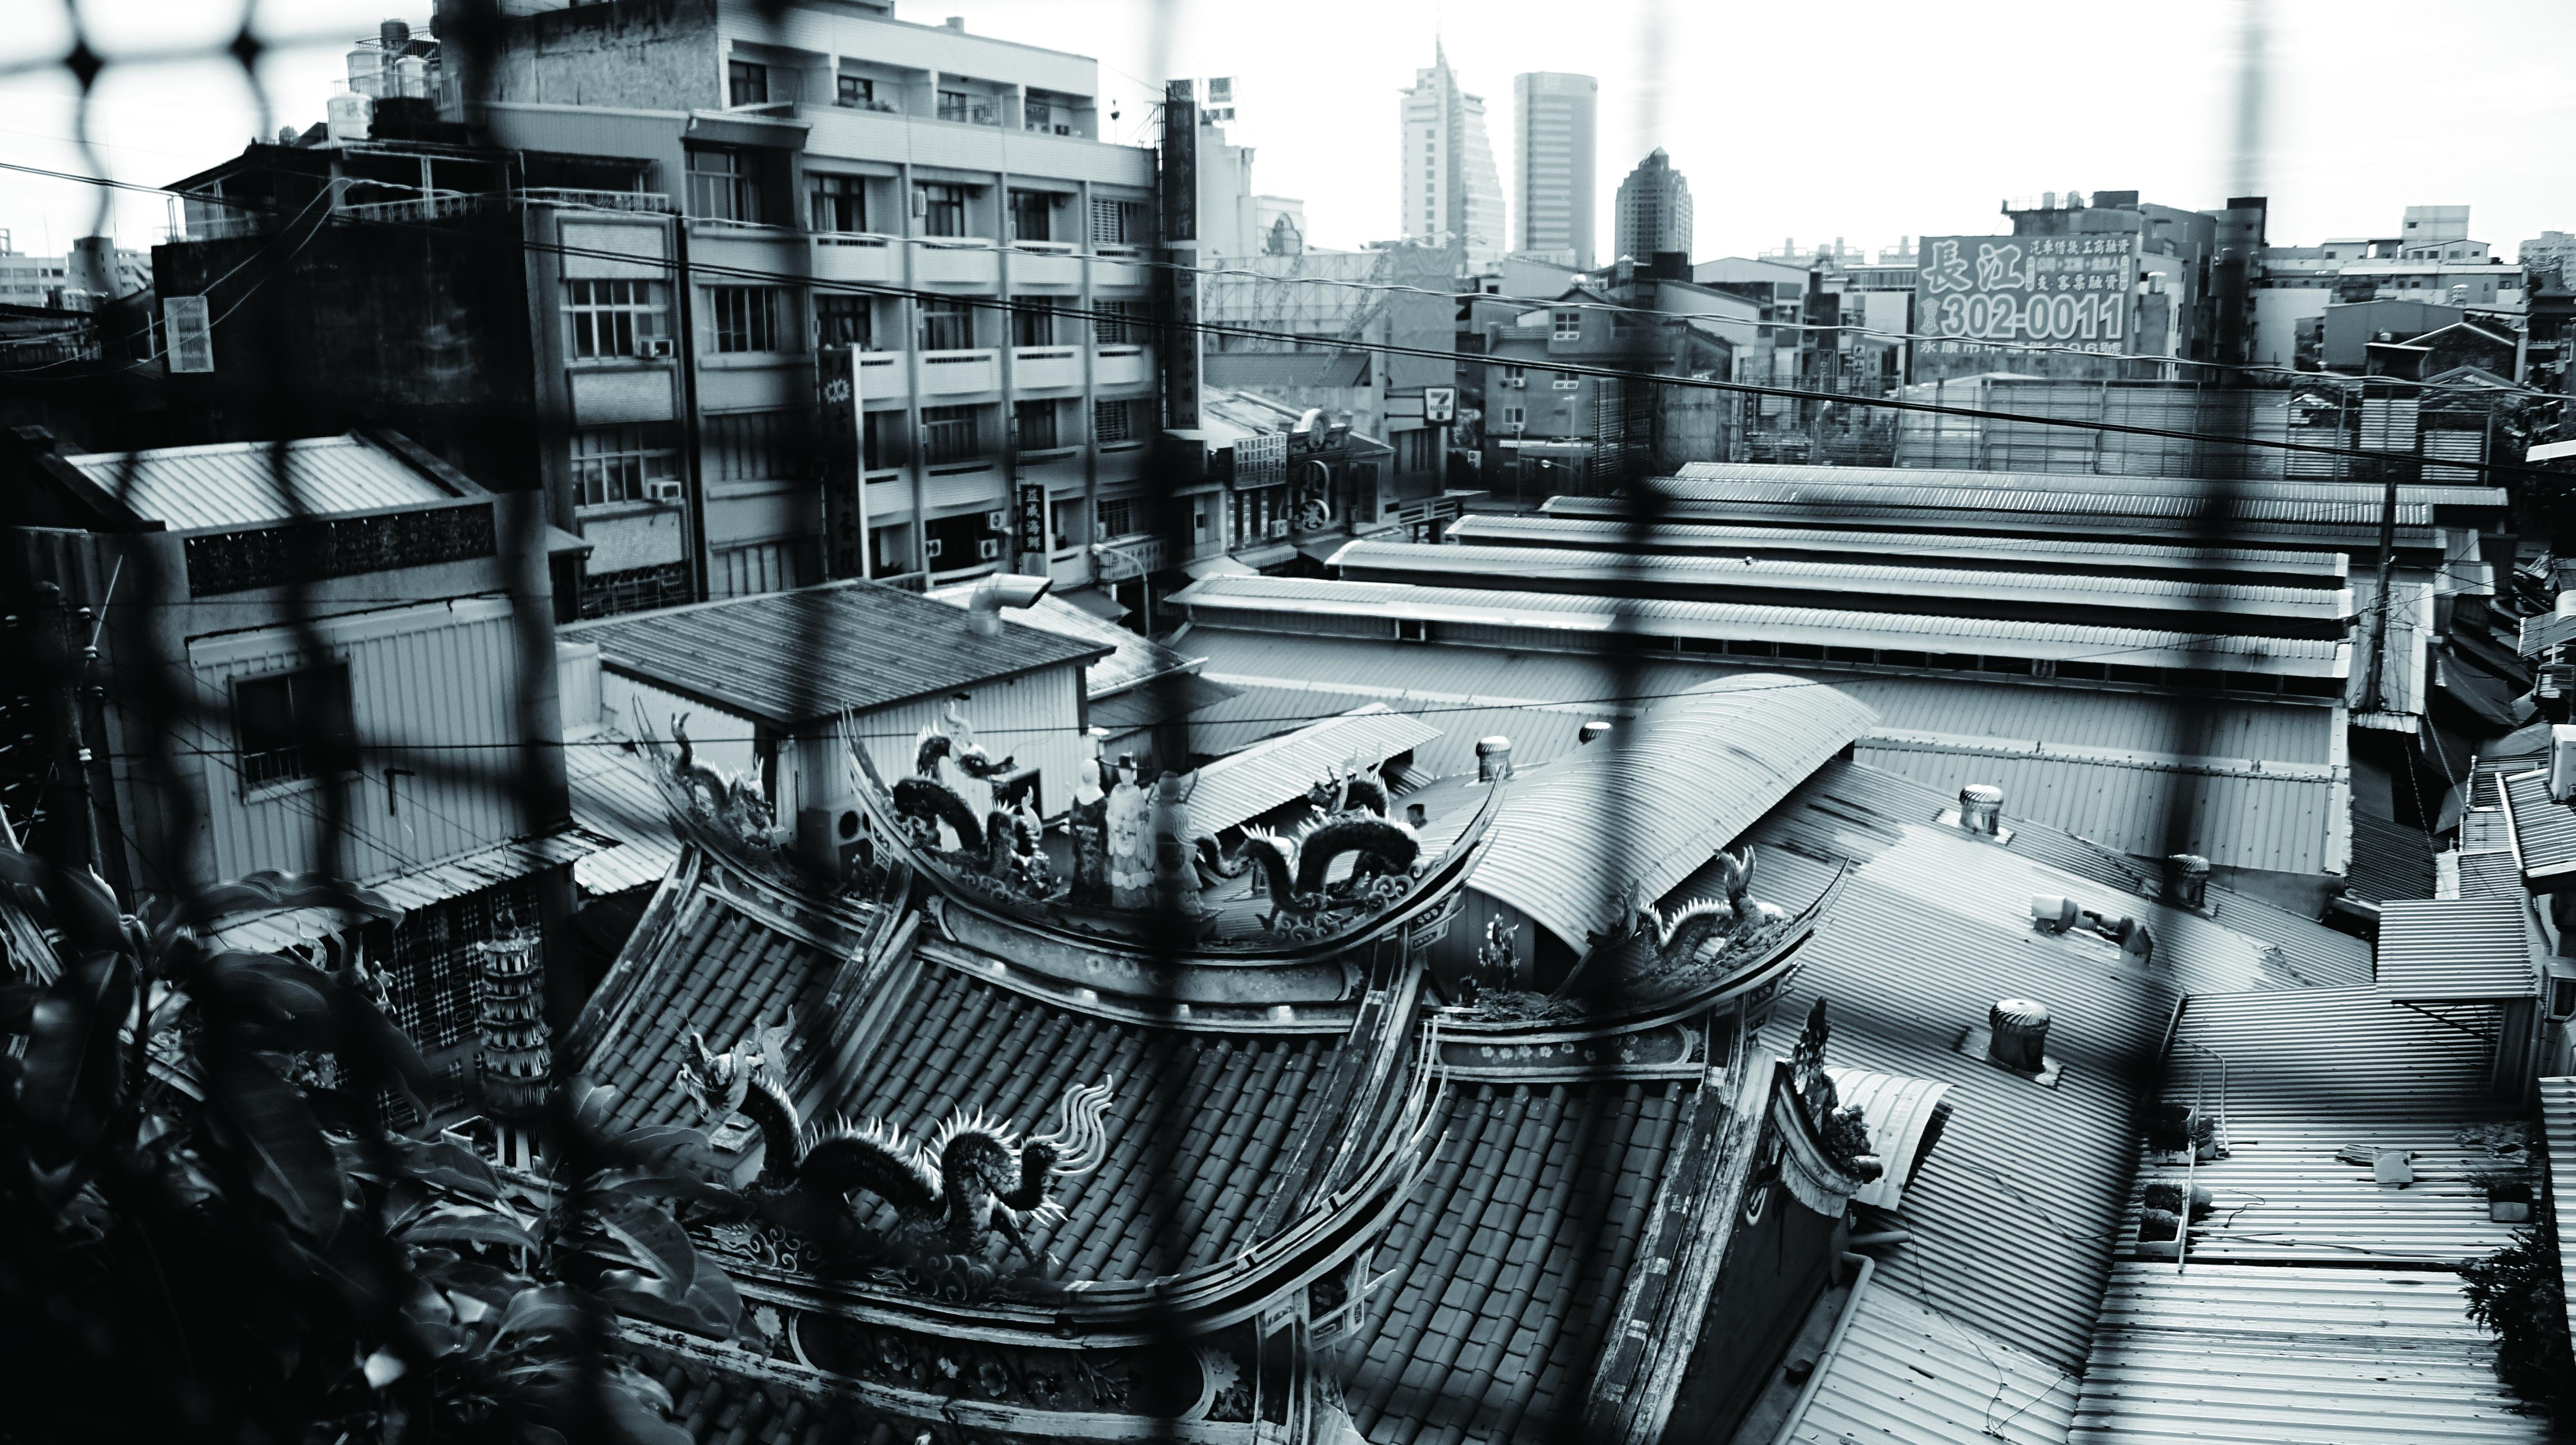 台南水仙宮的後兩進及周邊民房皆遭到拆除,直到終戰後才重建殿宇,但規模已不同往日,只能從部分華美的裝飾舊料窺探舊時風采。.jpg